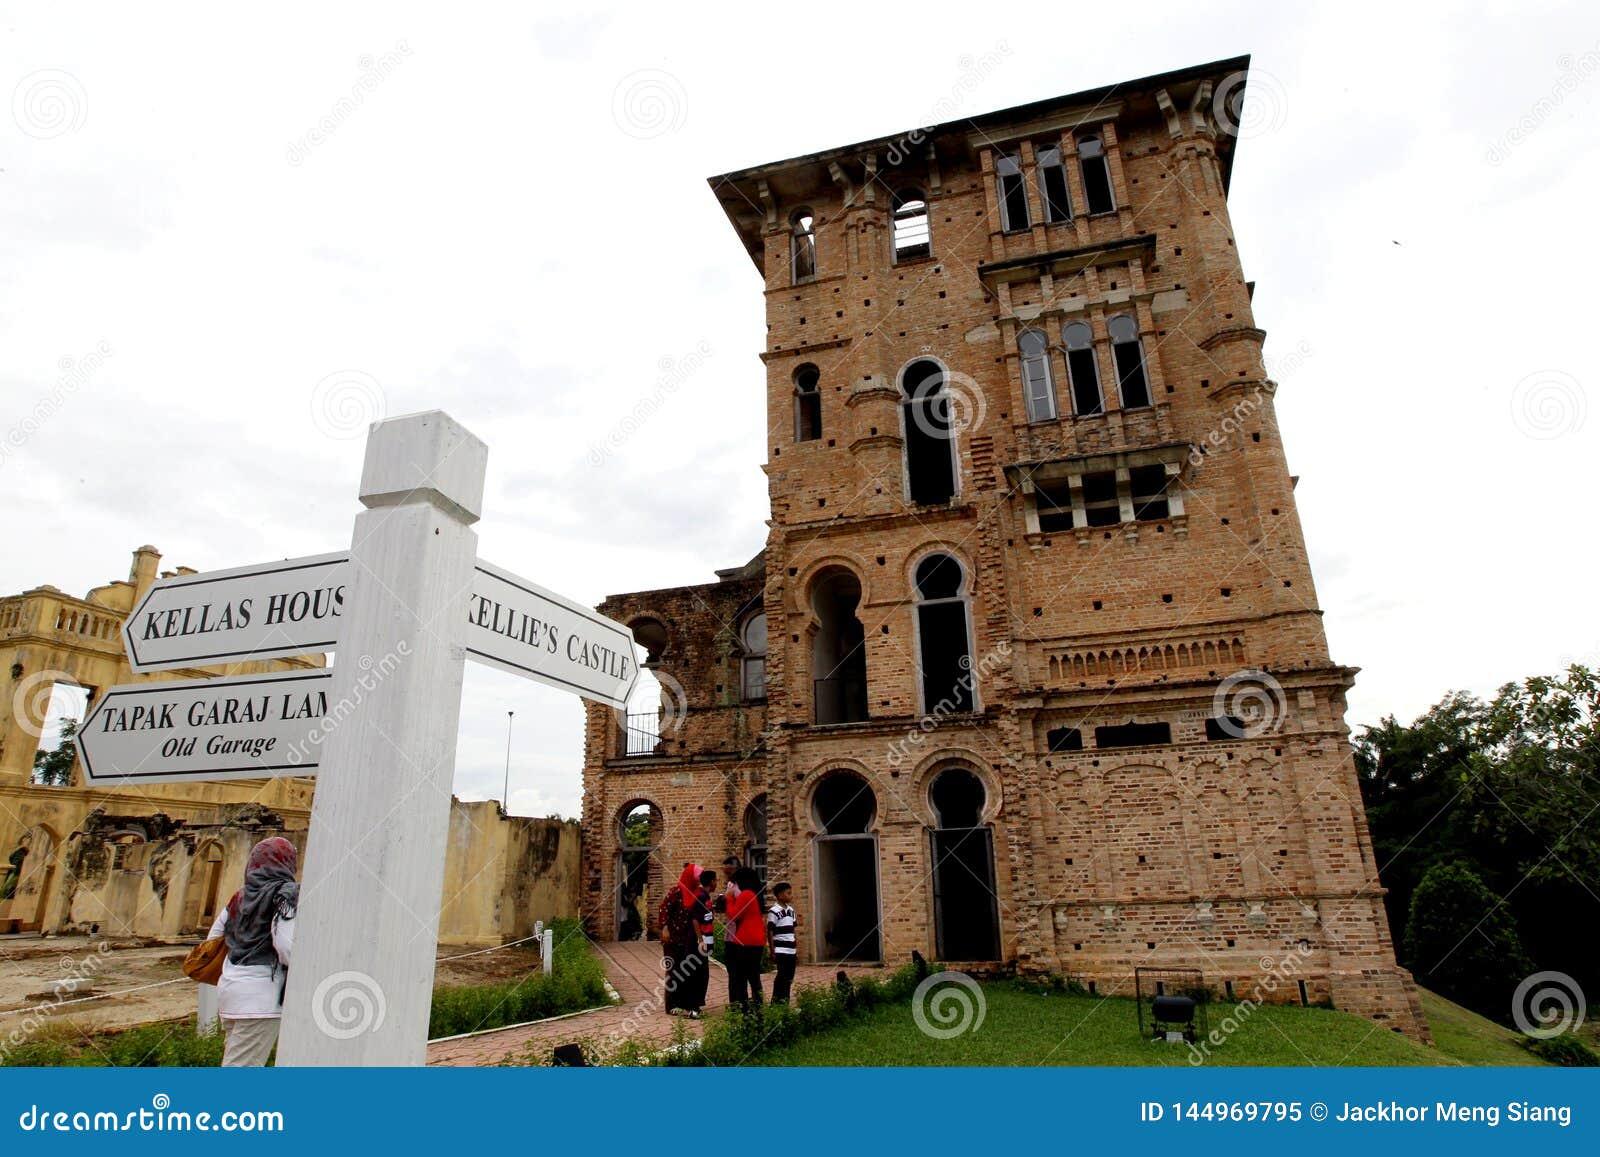 Kellie`s Castle at Batu Gajah, Perak, Malaysia